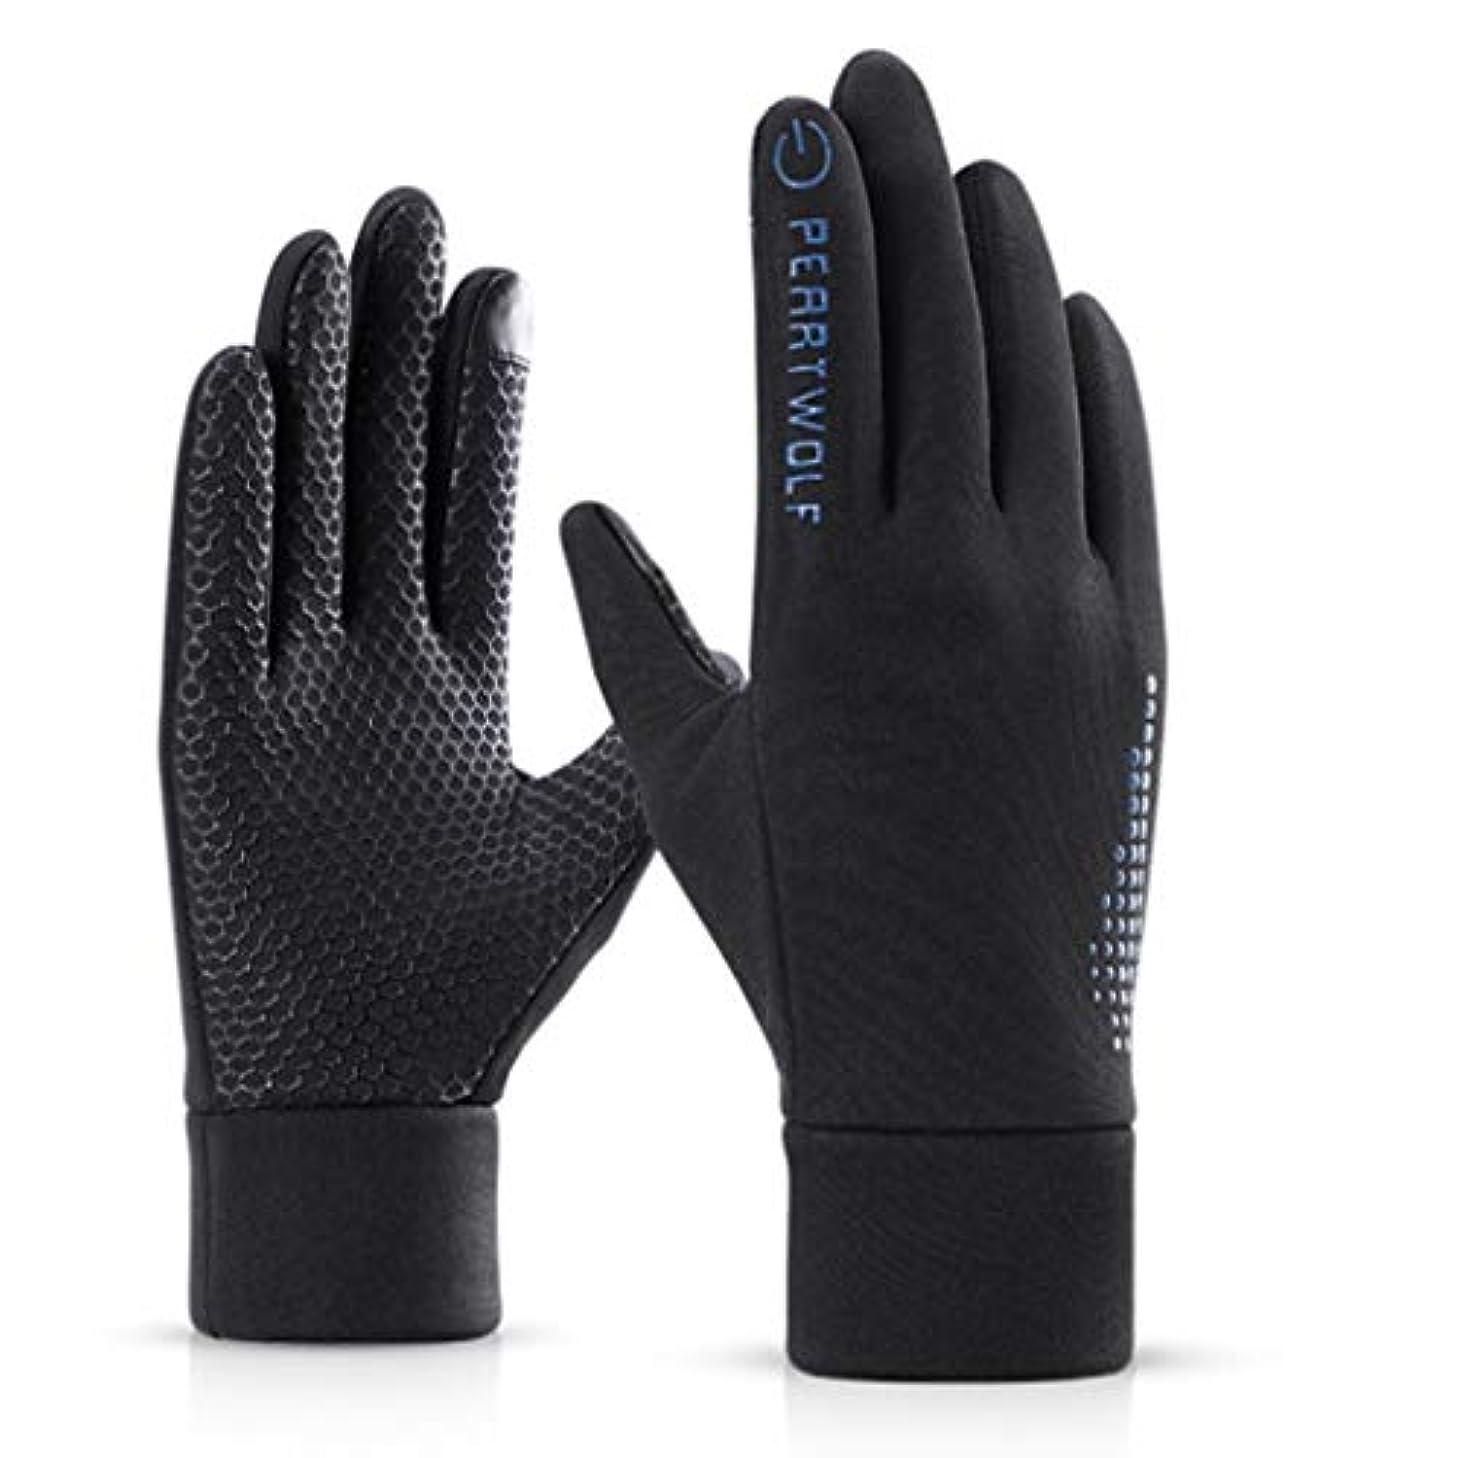 実装する仕事に行くゆり手袋男性の冬のライディングプラスベルベット暖かい防風冷たい韓国人の学生のタッチスクリーンスポーツメンズ手袋